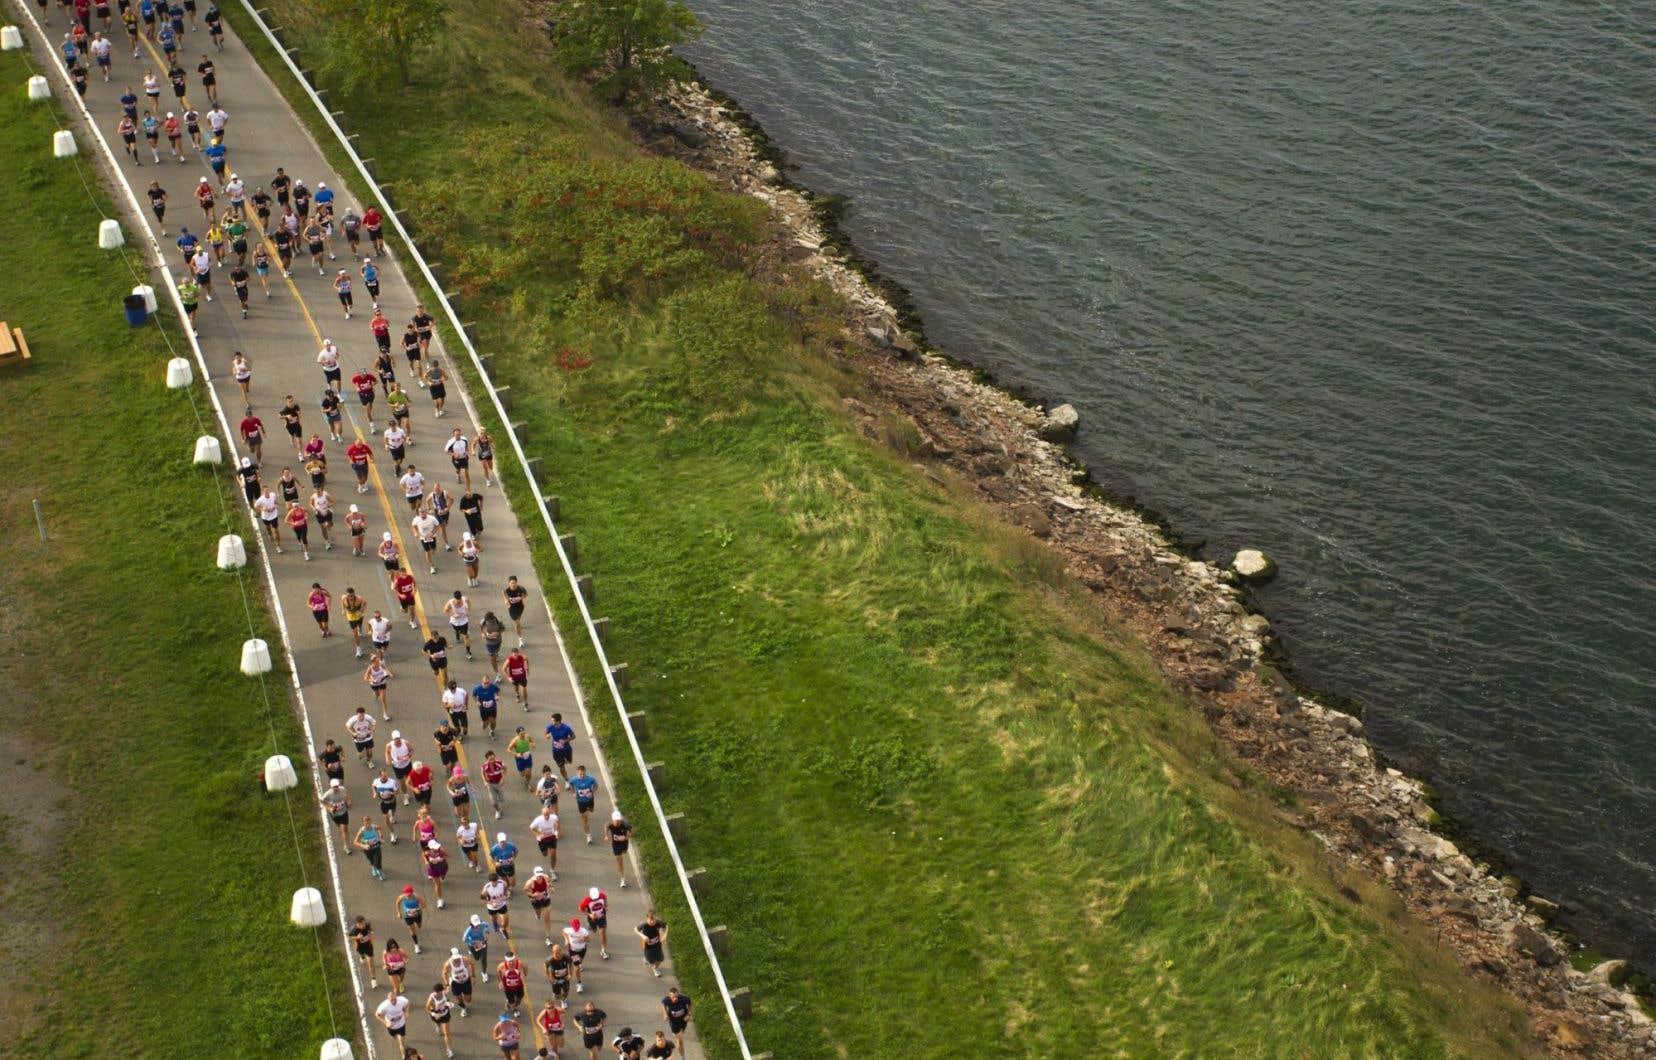 Le temps exceptionnellement chaud prévu en fin de semaine pousse l'équipe du marathon de Montréal à annuler l'épreuve principale.